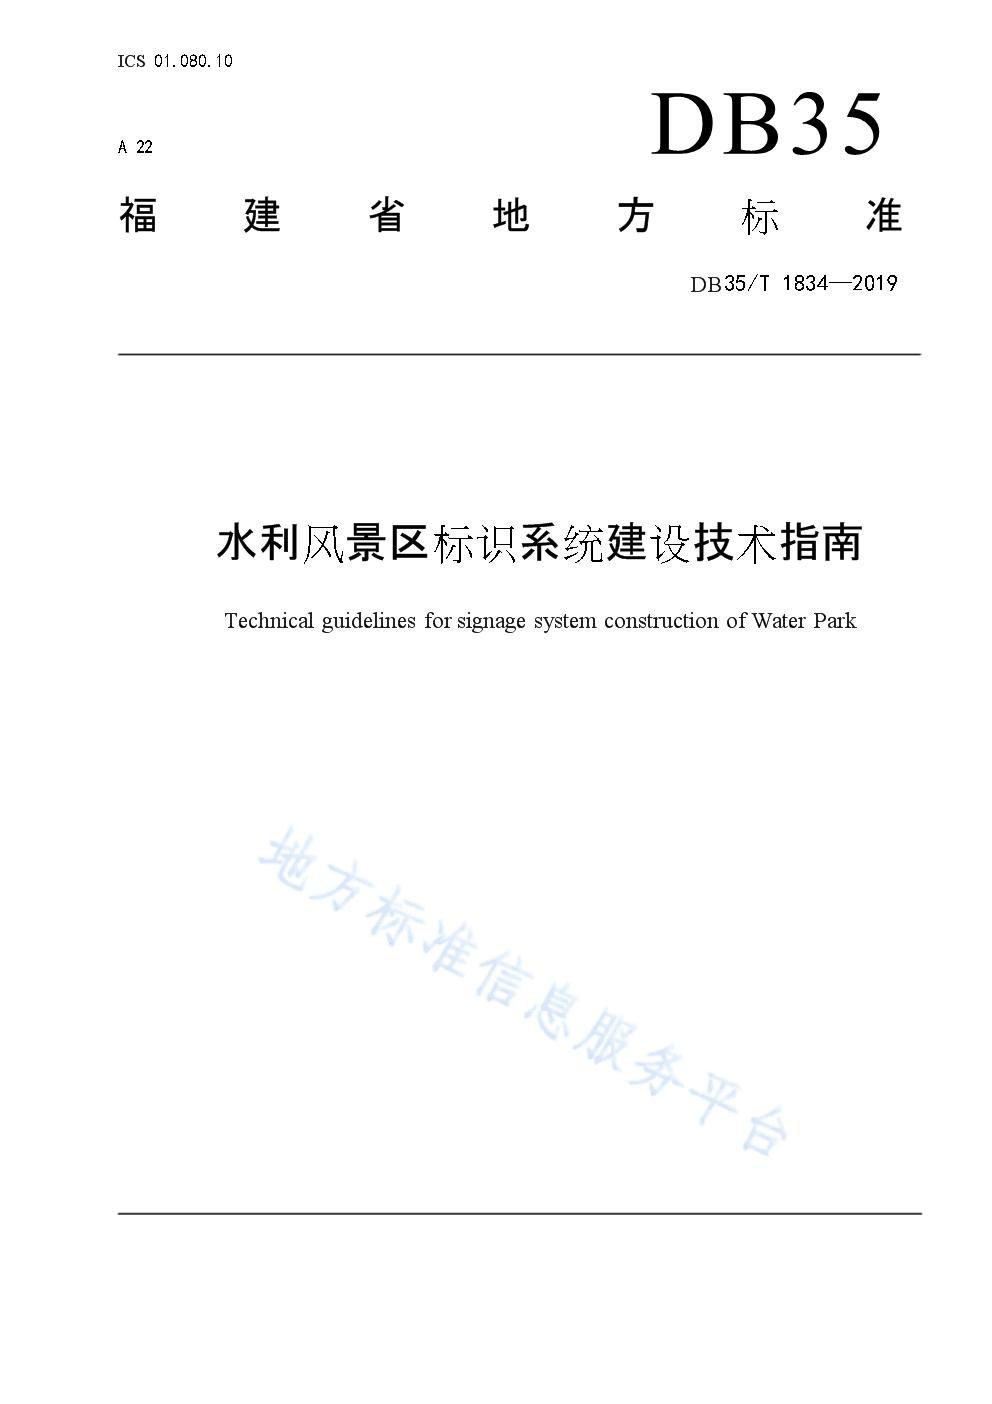 DB35_T 1834-2019 水利风景区标识建设技术指南.docx